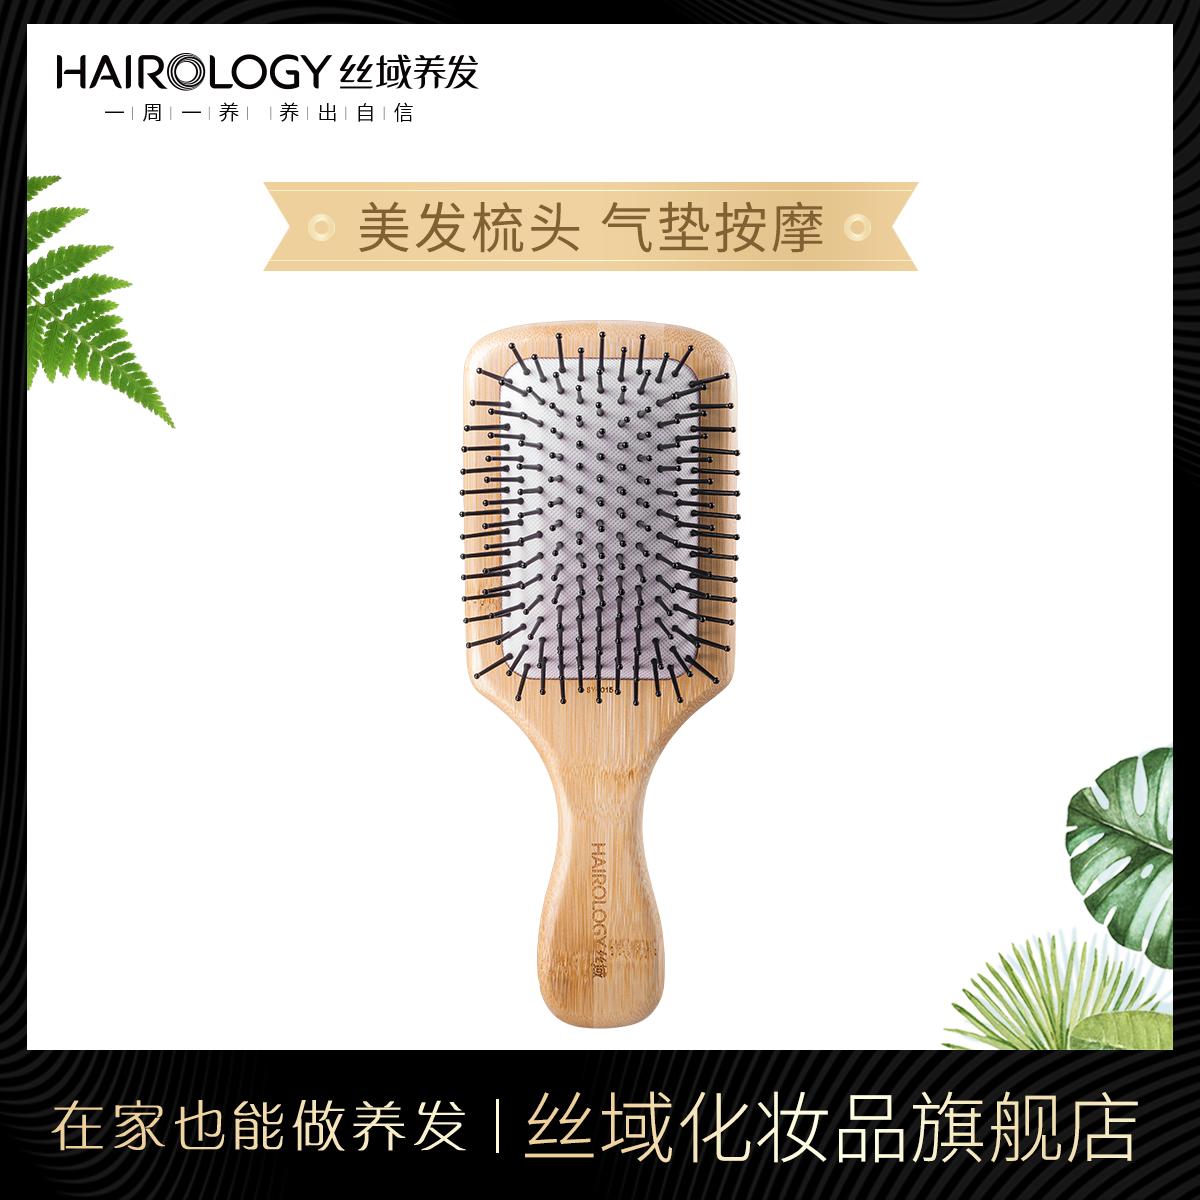 Шелковое поле бамбук скальп массаж гребень волосы гребень воздух пузырь волосы гребень гребень гребень